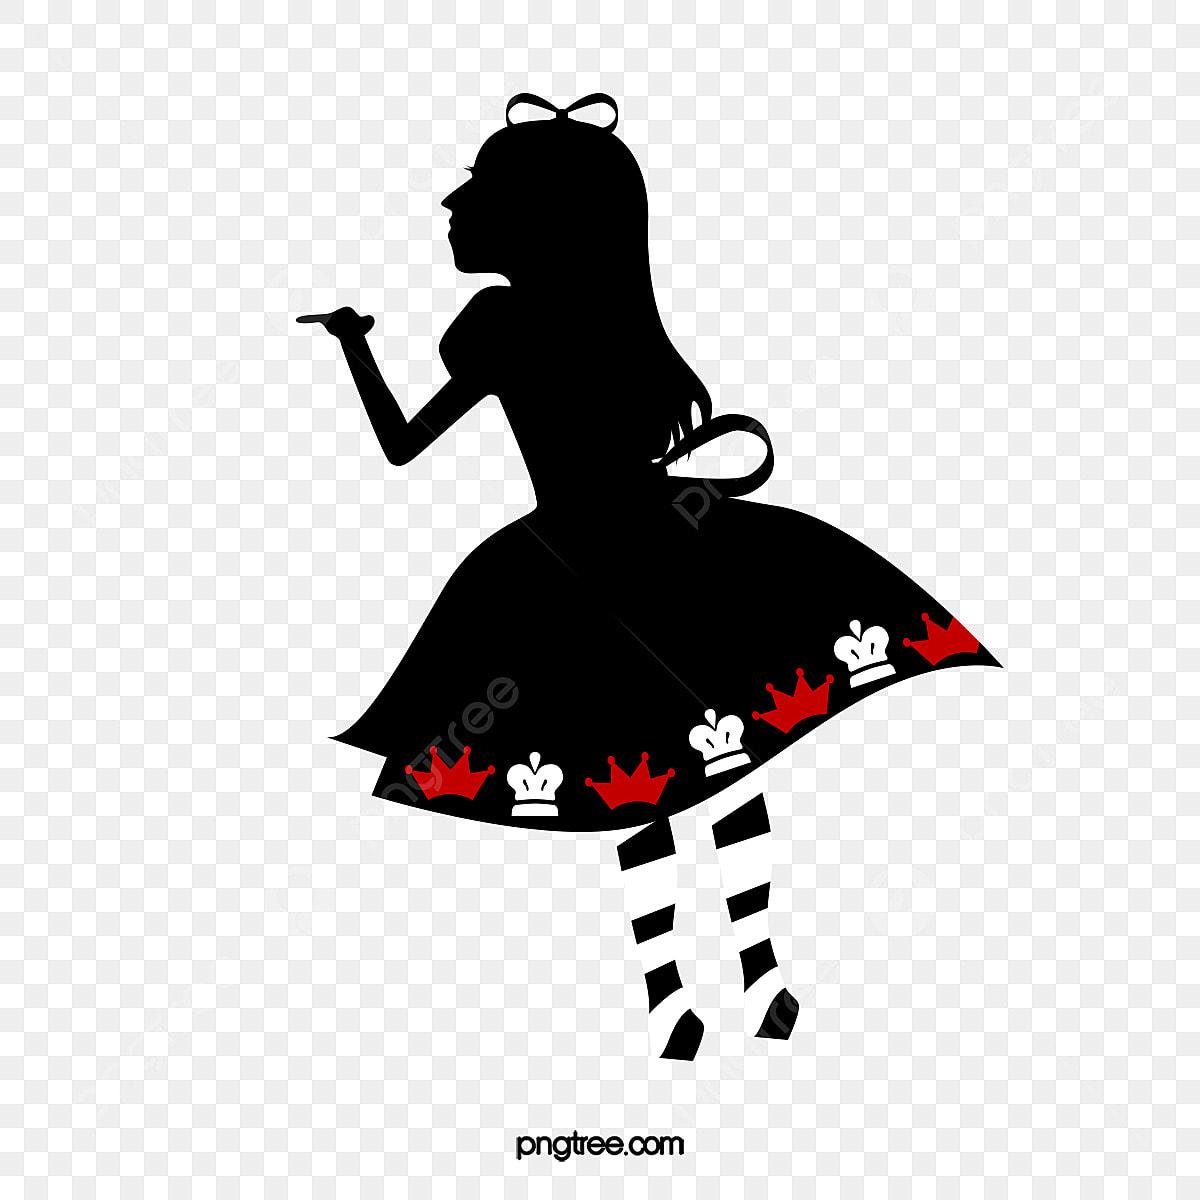 無料ダウンロードのためのアリスの女の子 アリス 女の子 トランプpng画像素材